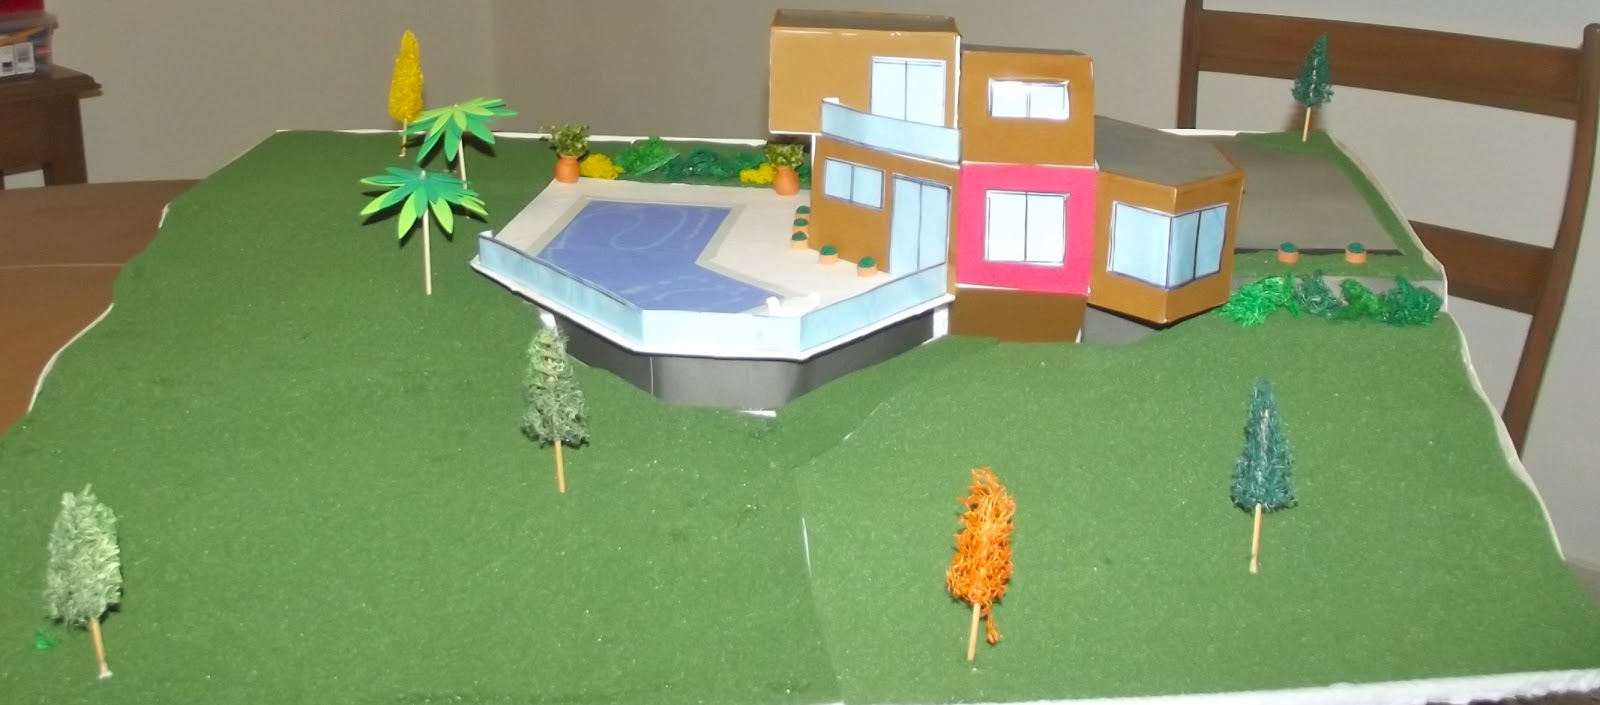 Lizzie heilbron arquitectura maqueta final del proyecto for Maquetas de jardines